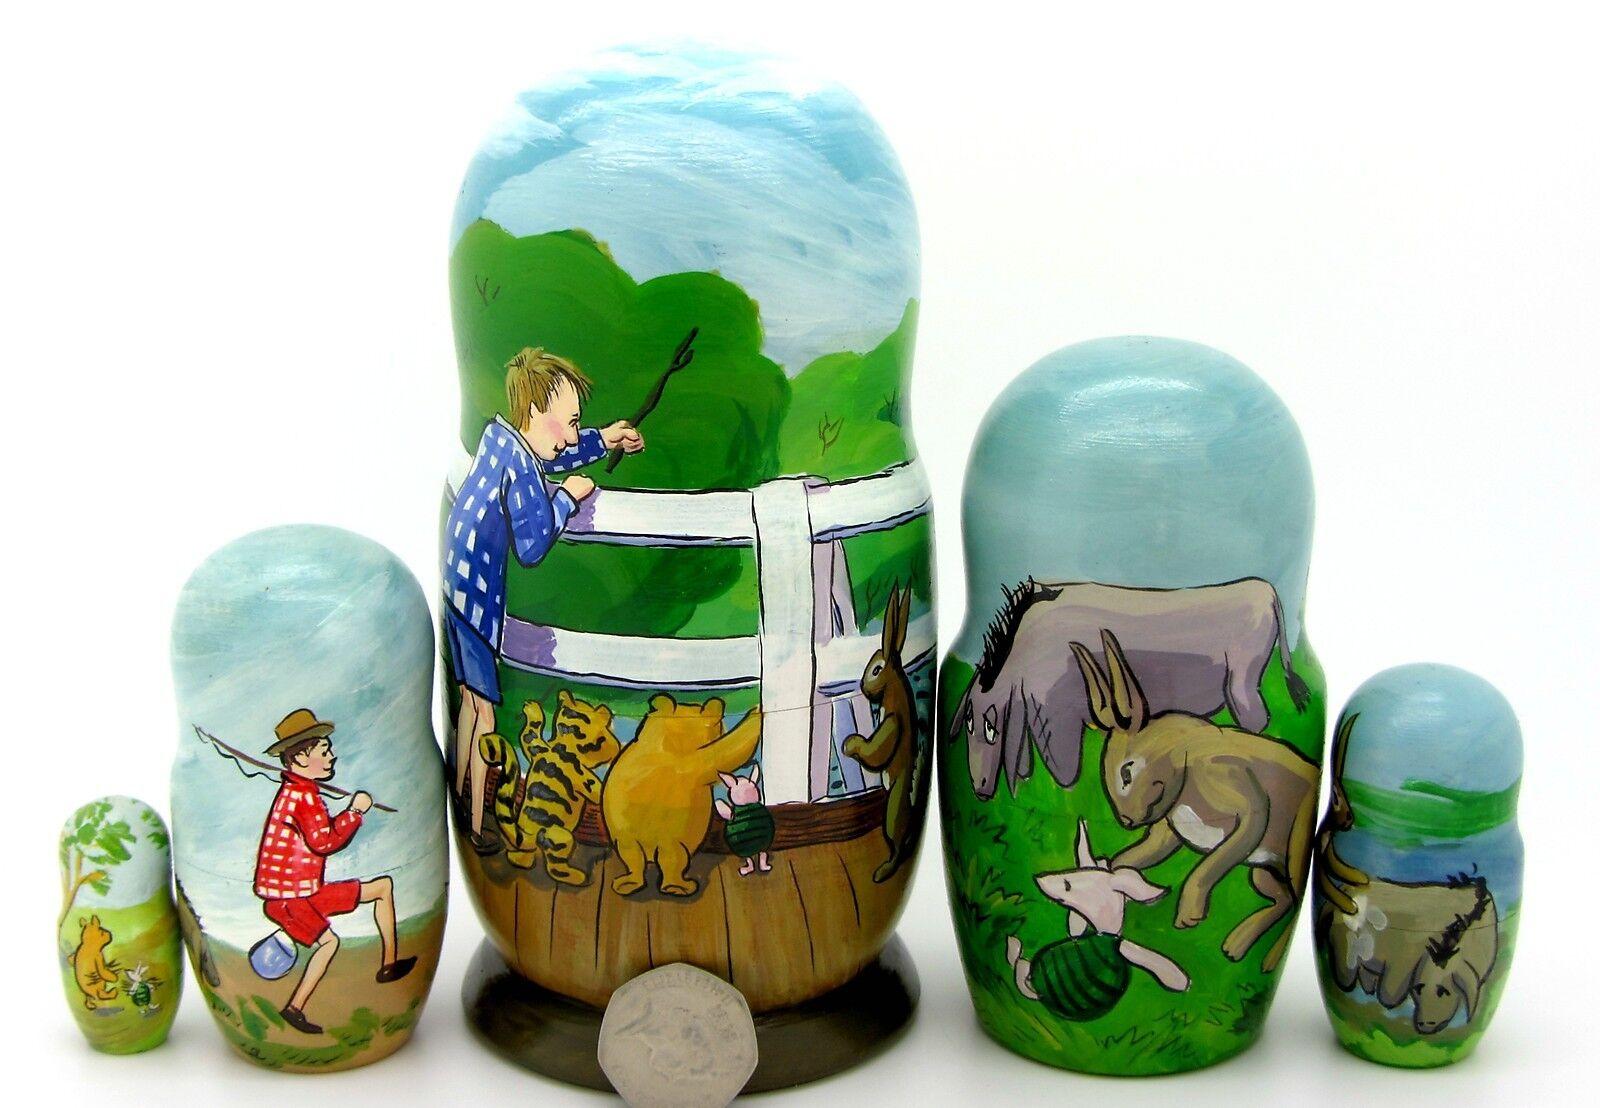 Anidamiento Muñecas Rusas Matryoshka ilustraciones Winnie Pooh lechón Eeyore